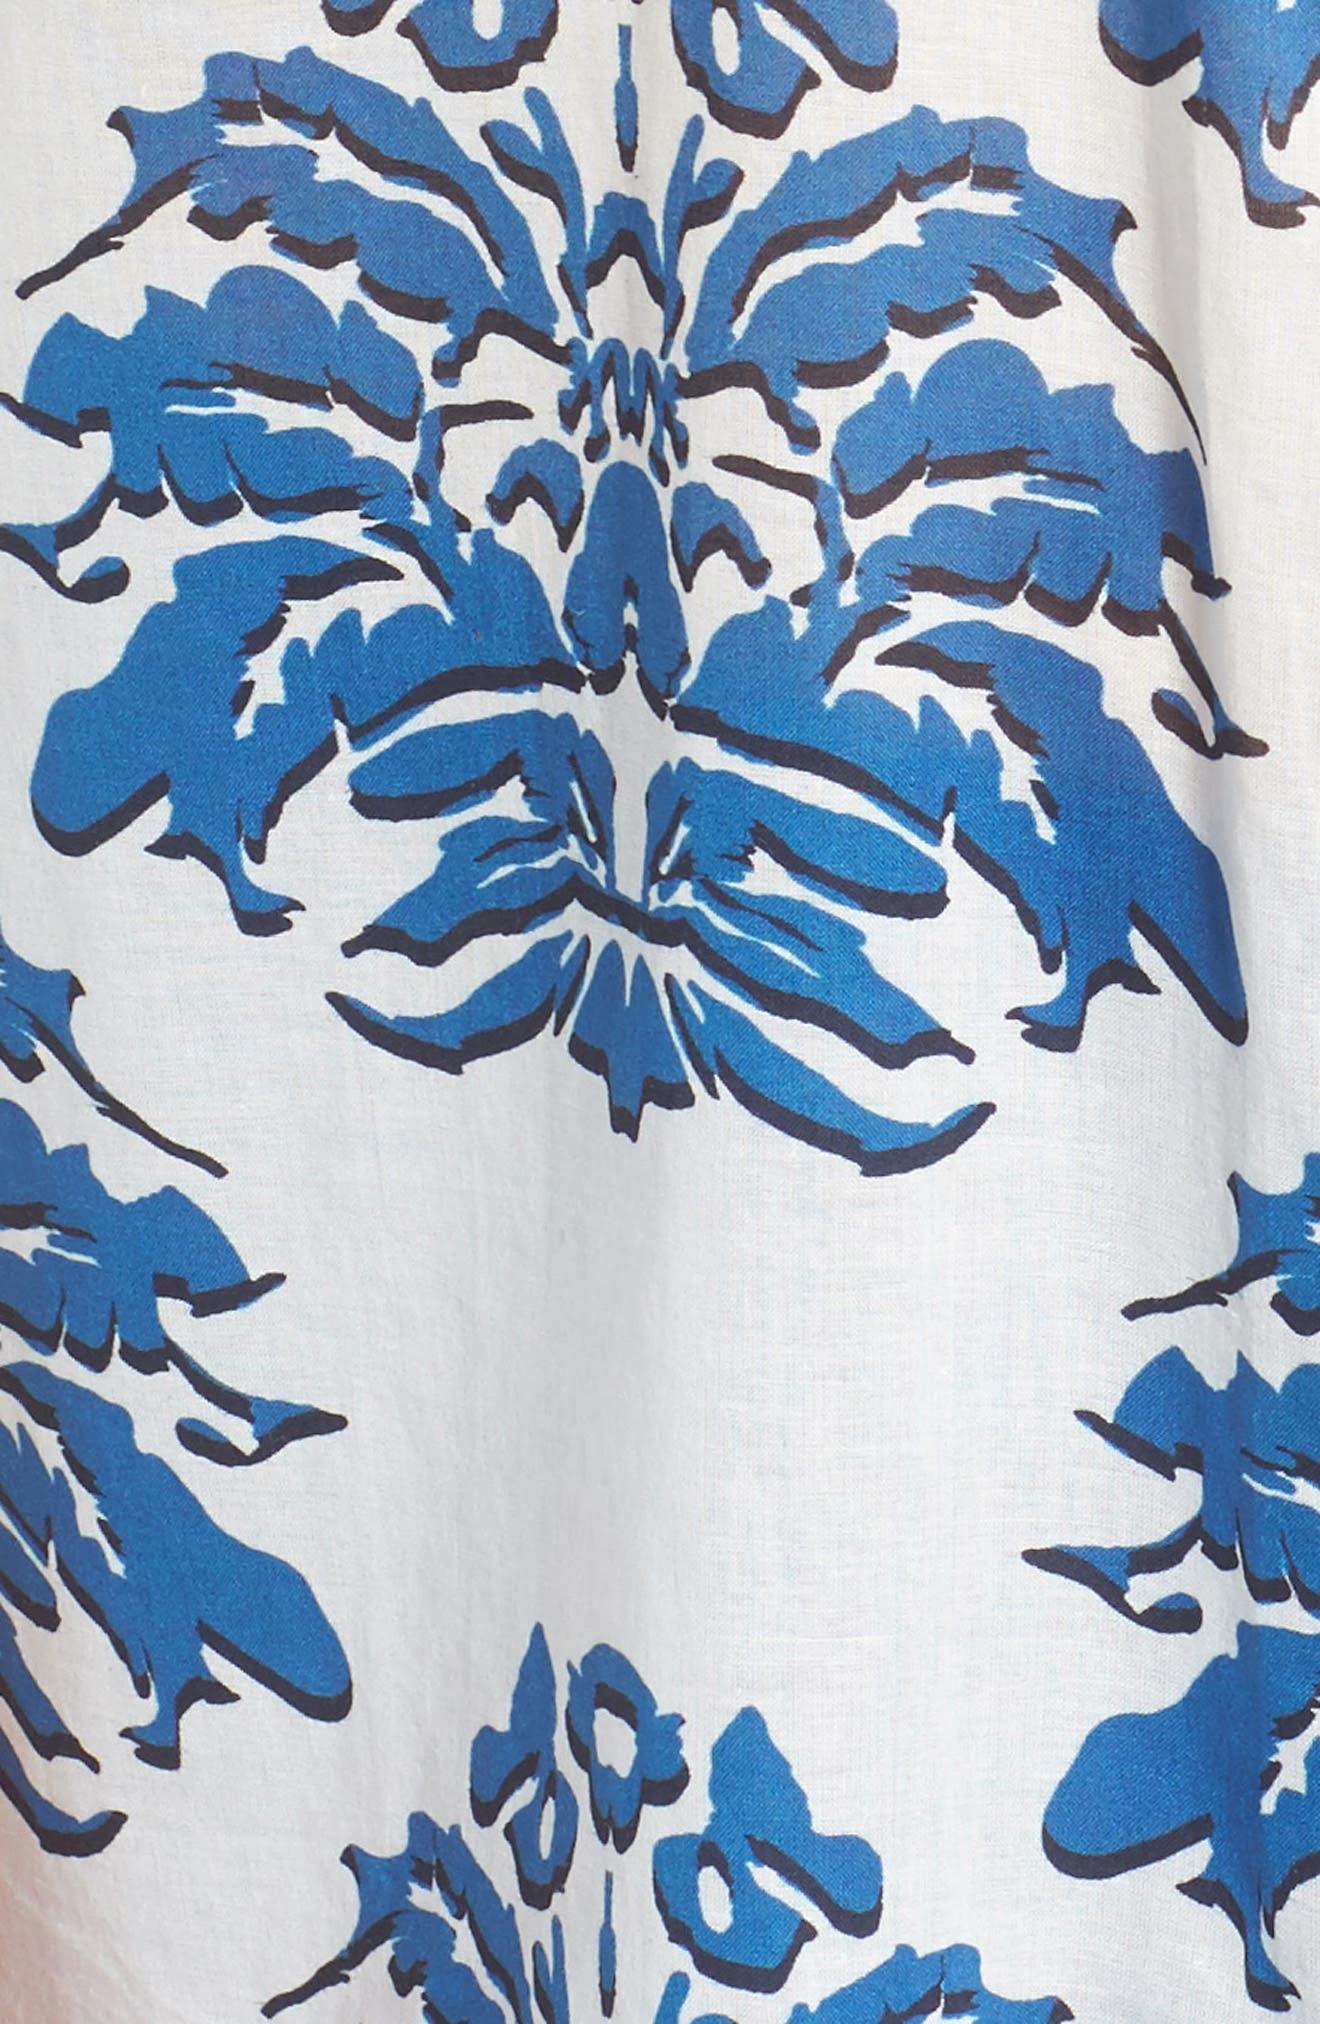 Porcelain Print Oversize Cotton Blouse,                             Alternate thumbnail 5, color,                             468